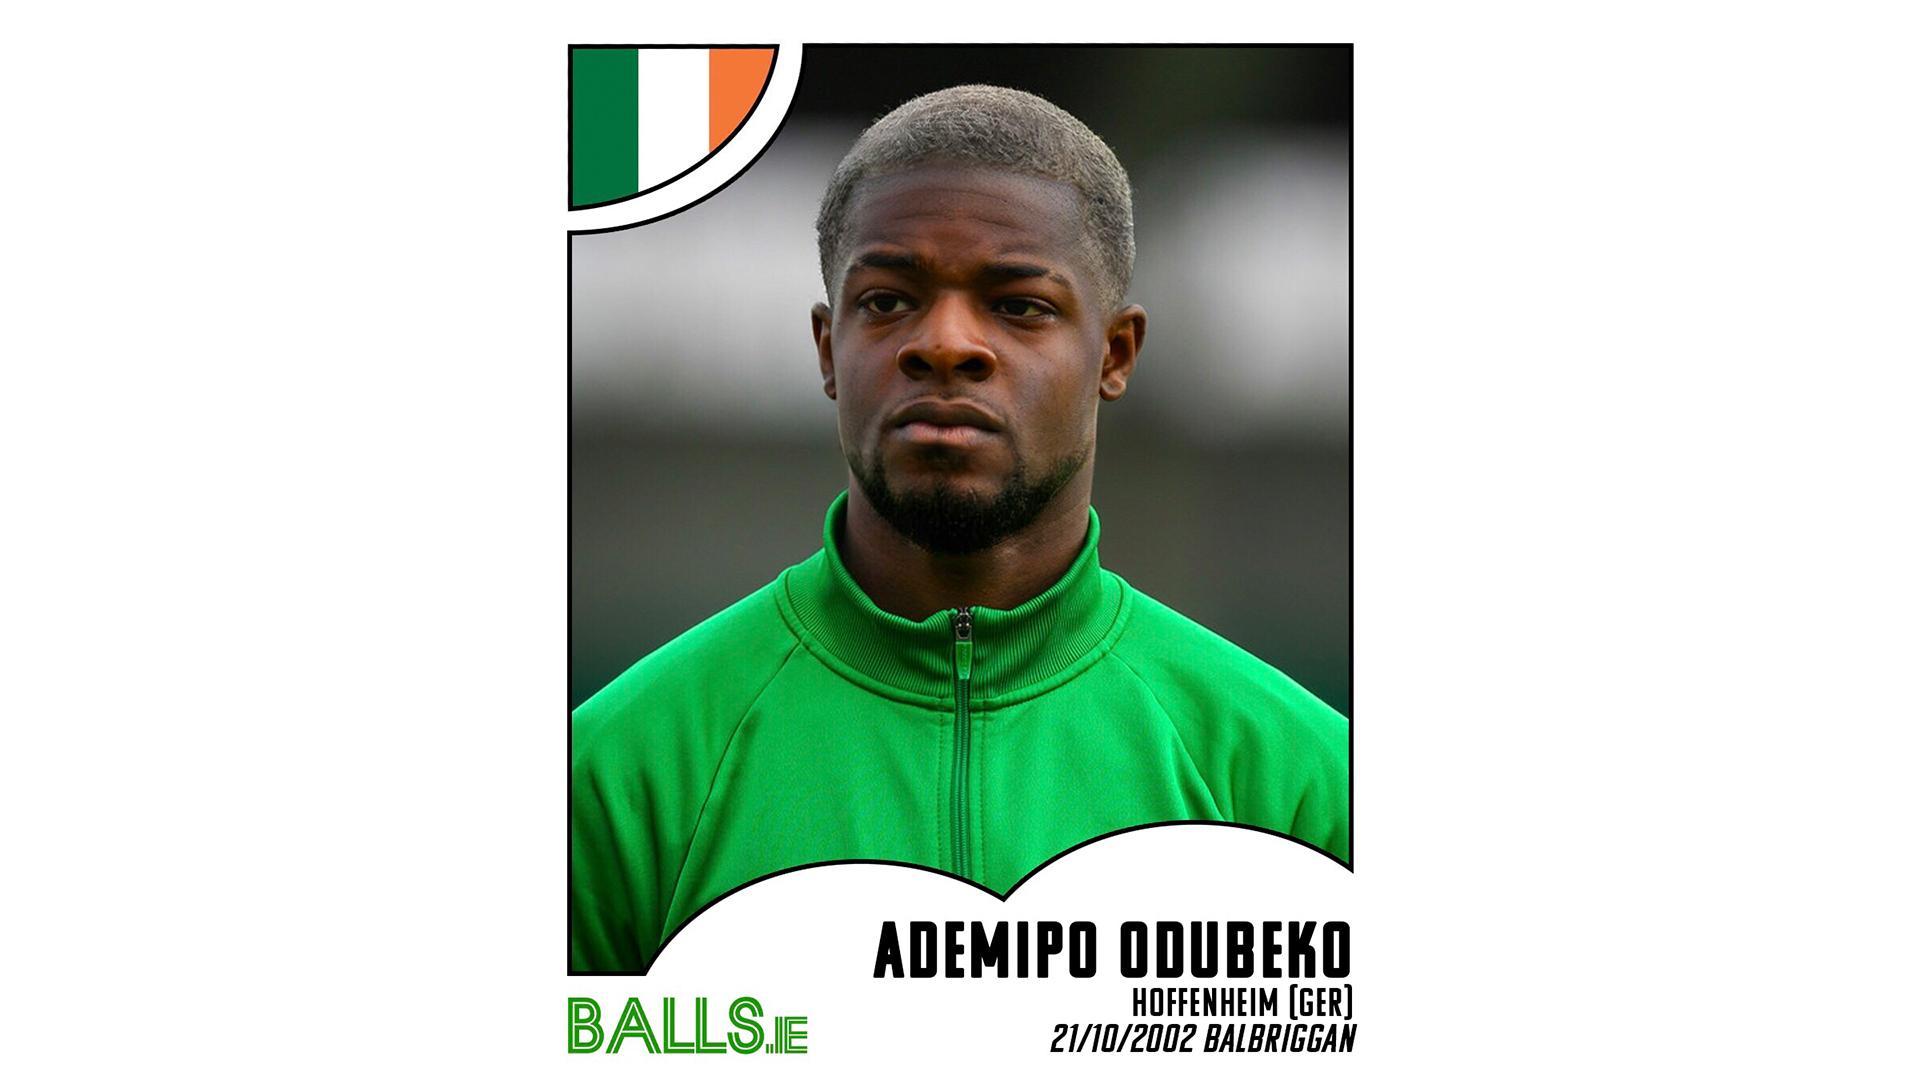 Ademipo Odubeko 2030